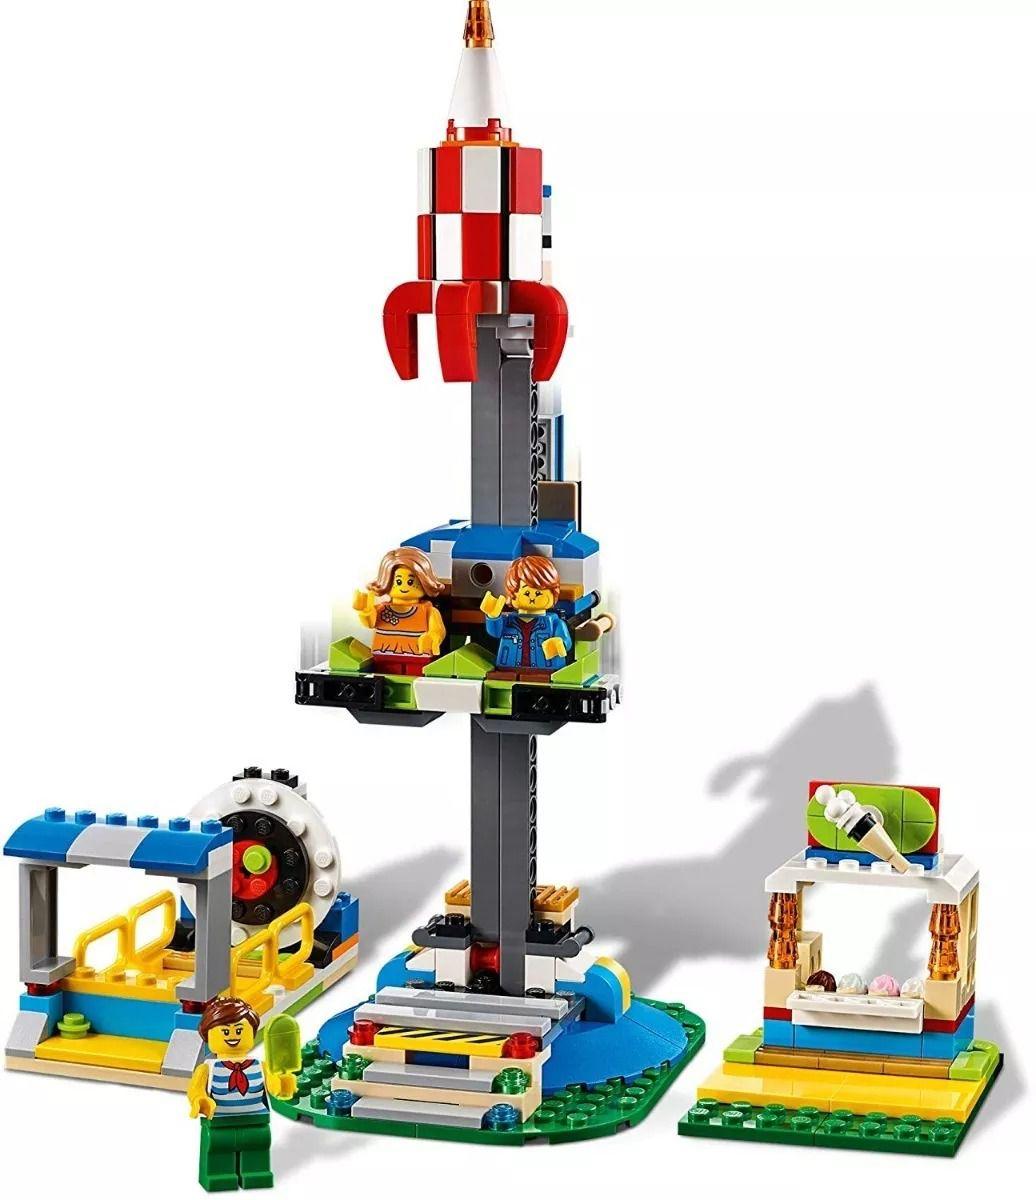 Lego 31095 Creator - Carrossel do Parque De Diversões 3 em 1 – 595 peças  - Doce Diversão